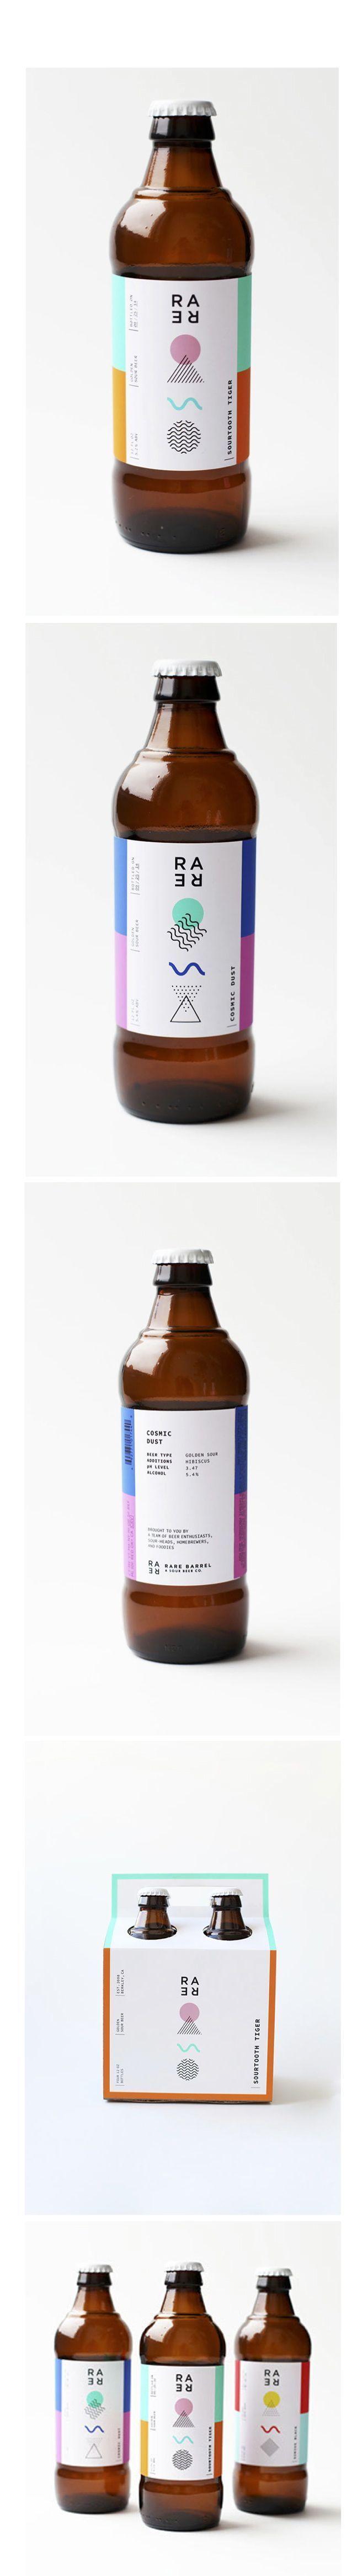 Packaging / Förpackad -Sveriges största förpackningsblogg Förpackningsdesign, Förpackningar, Grafisk Design » Så 2014 - CAP&Design - Nordens stö